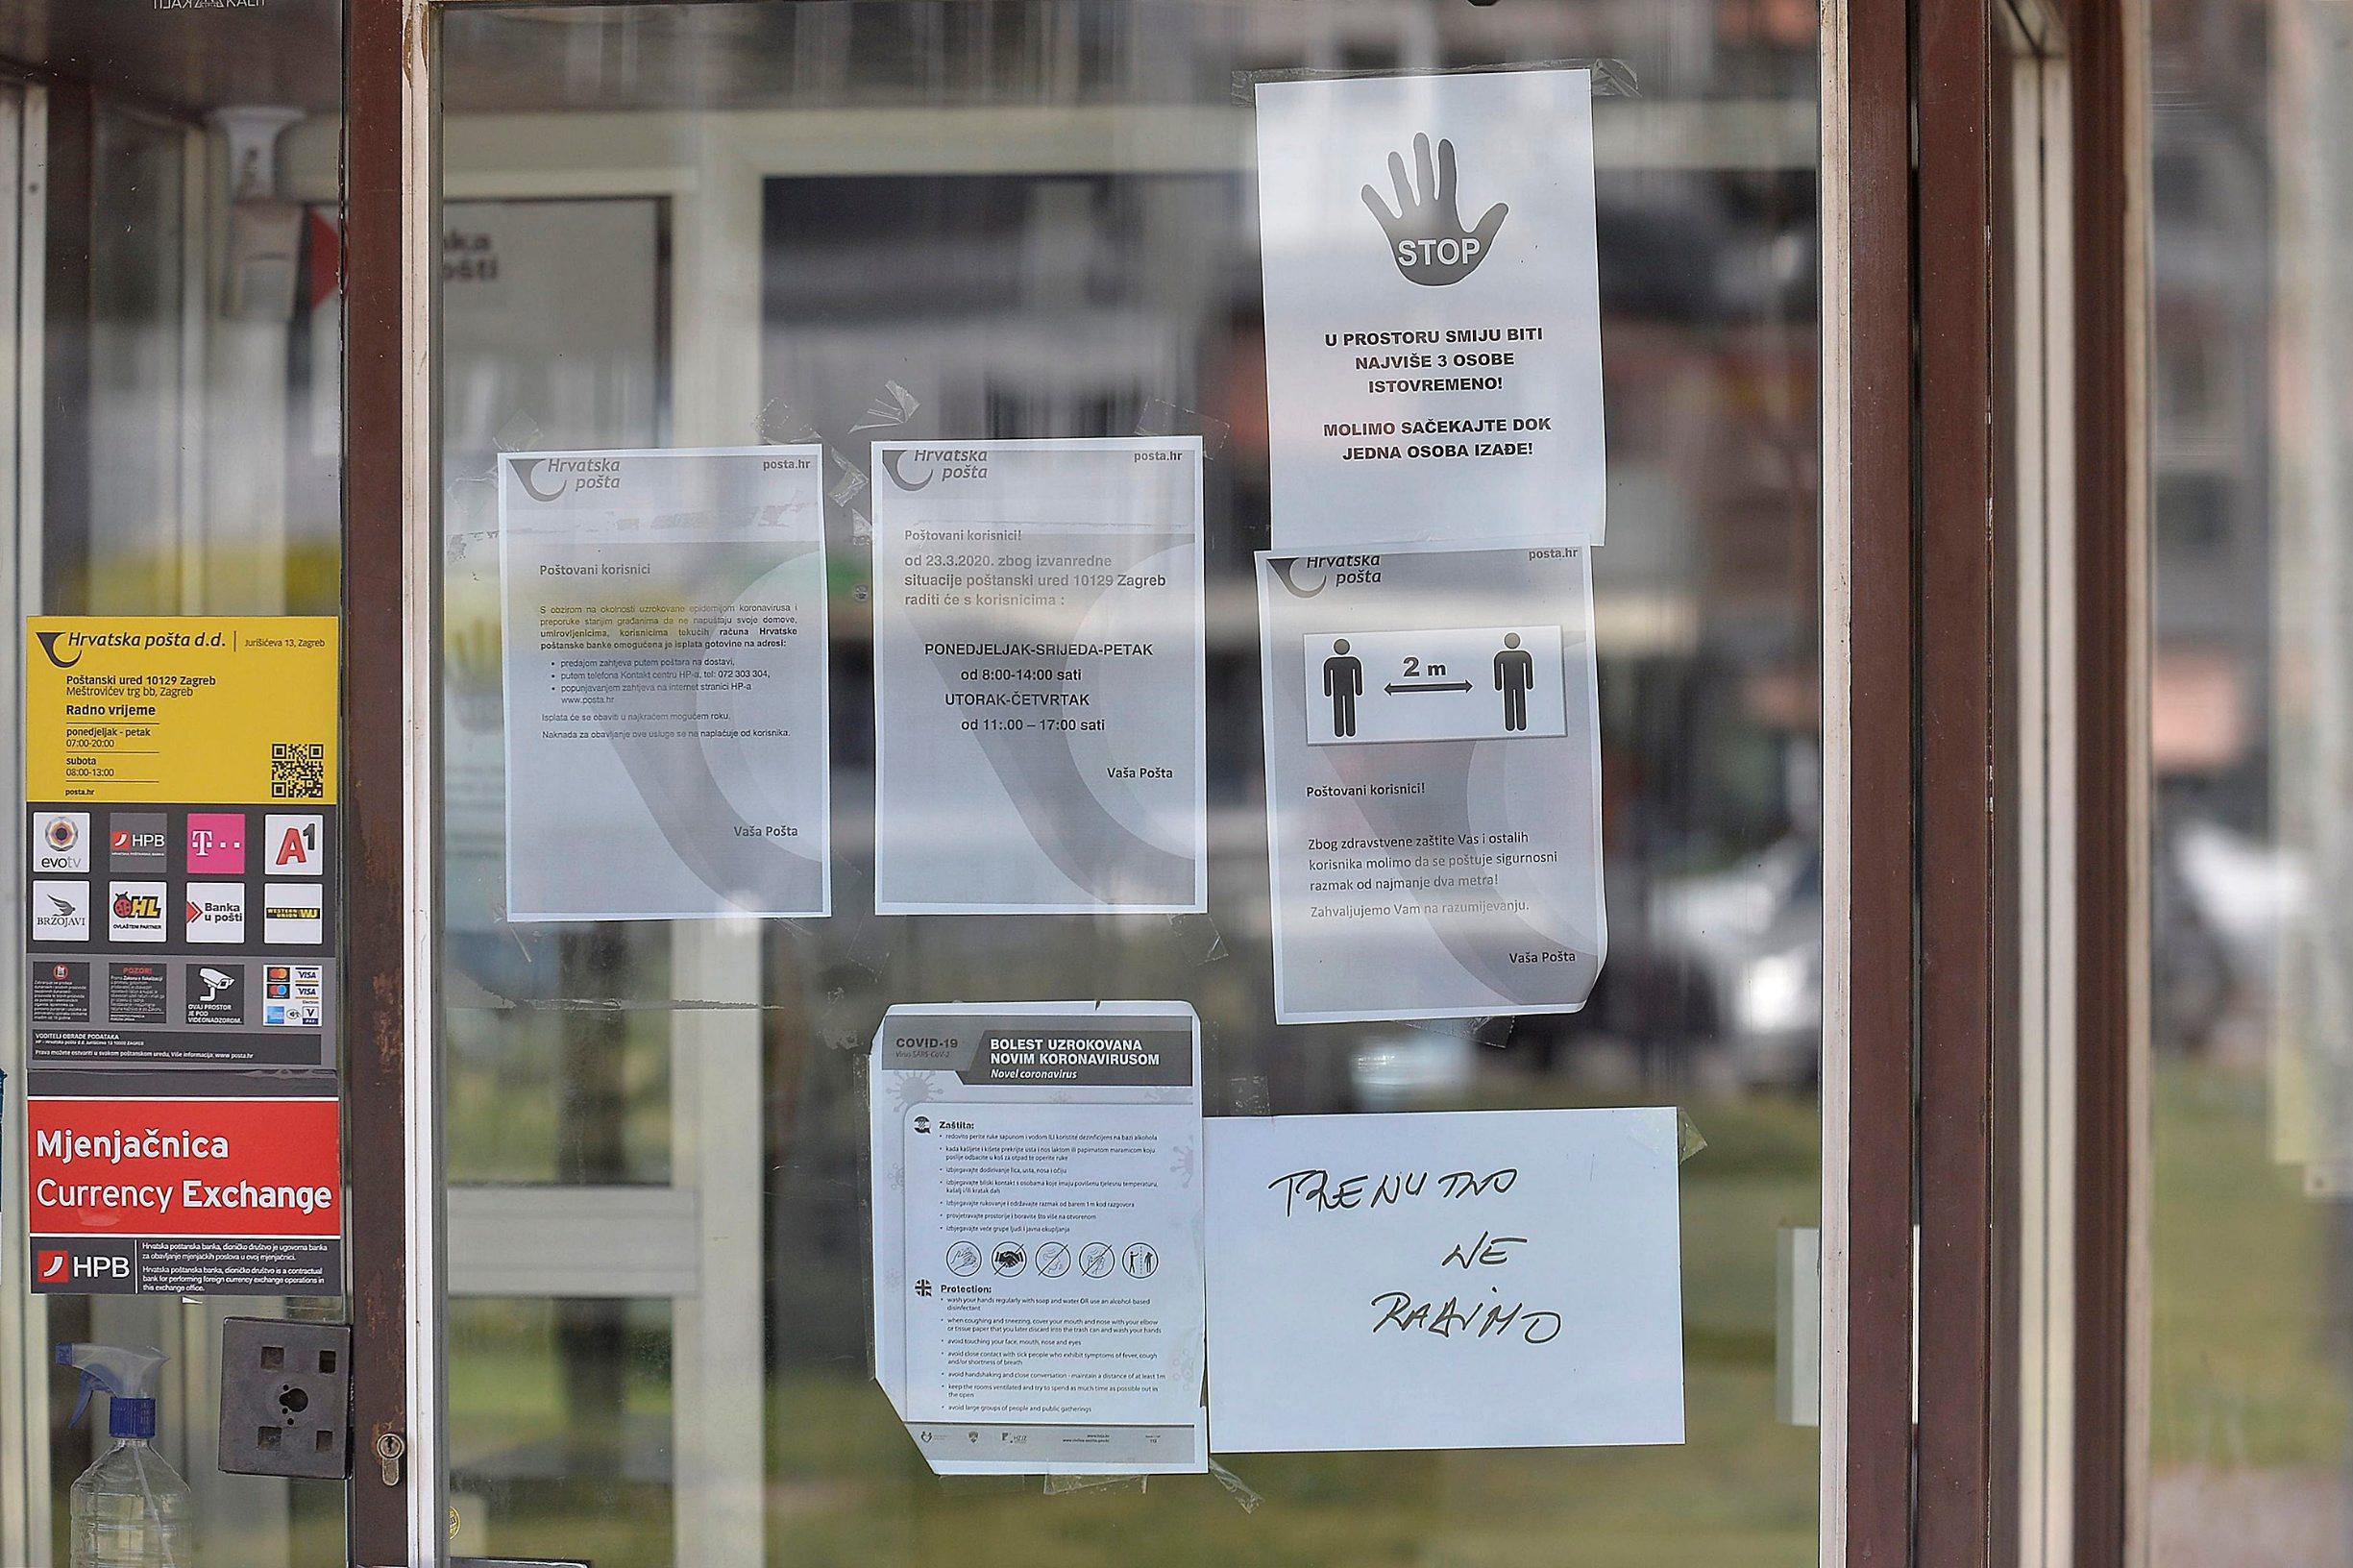 Zagreb, 080420. Zaprudje. Zatvore postanski ured u Zaprudju zbog zene koja je zarazena korona virusom izasla iz samoizolacije i usetala u postu. Foto: Damir Krajac / CROPIX